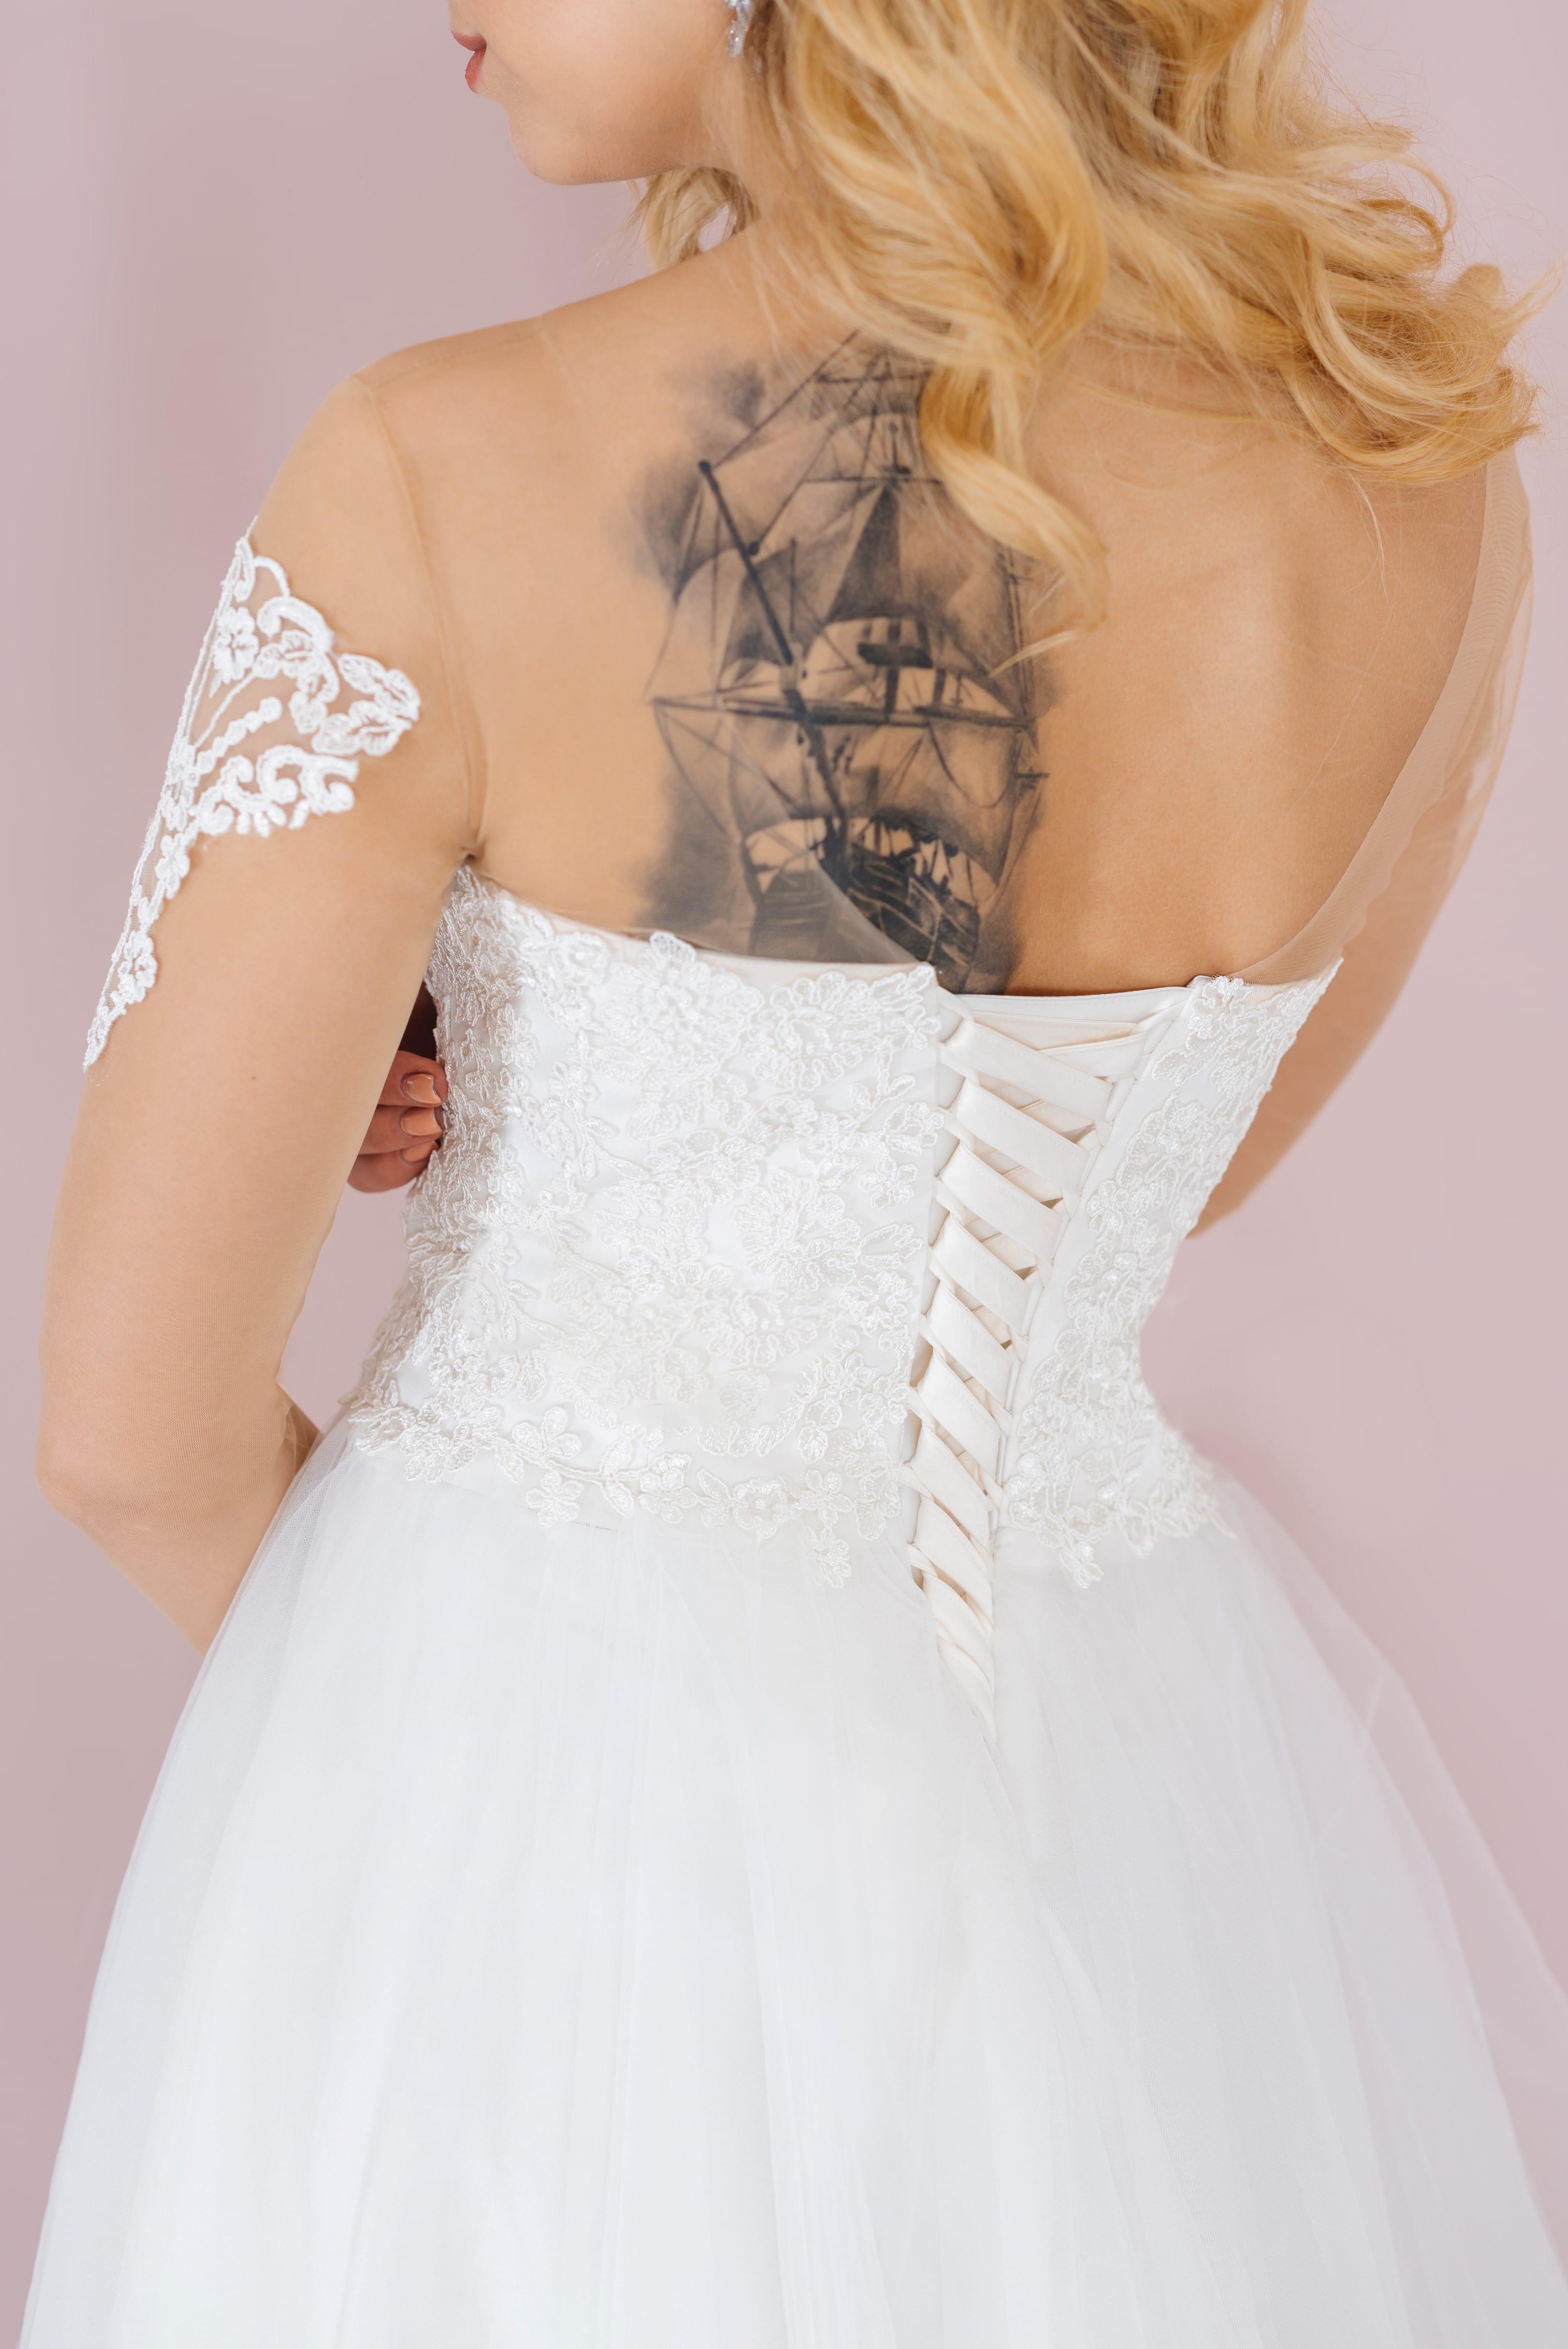 Свадебное платье LUICY, коллекция LOFT, бренд RARE BRIDAL, фото 3